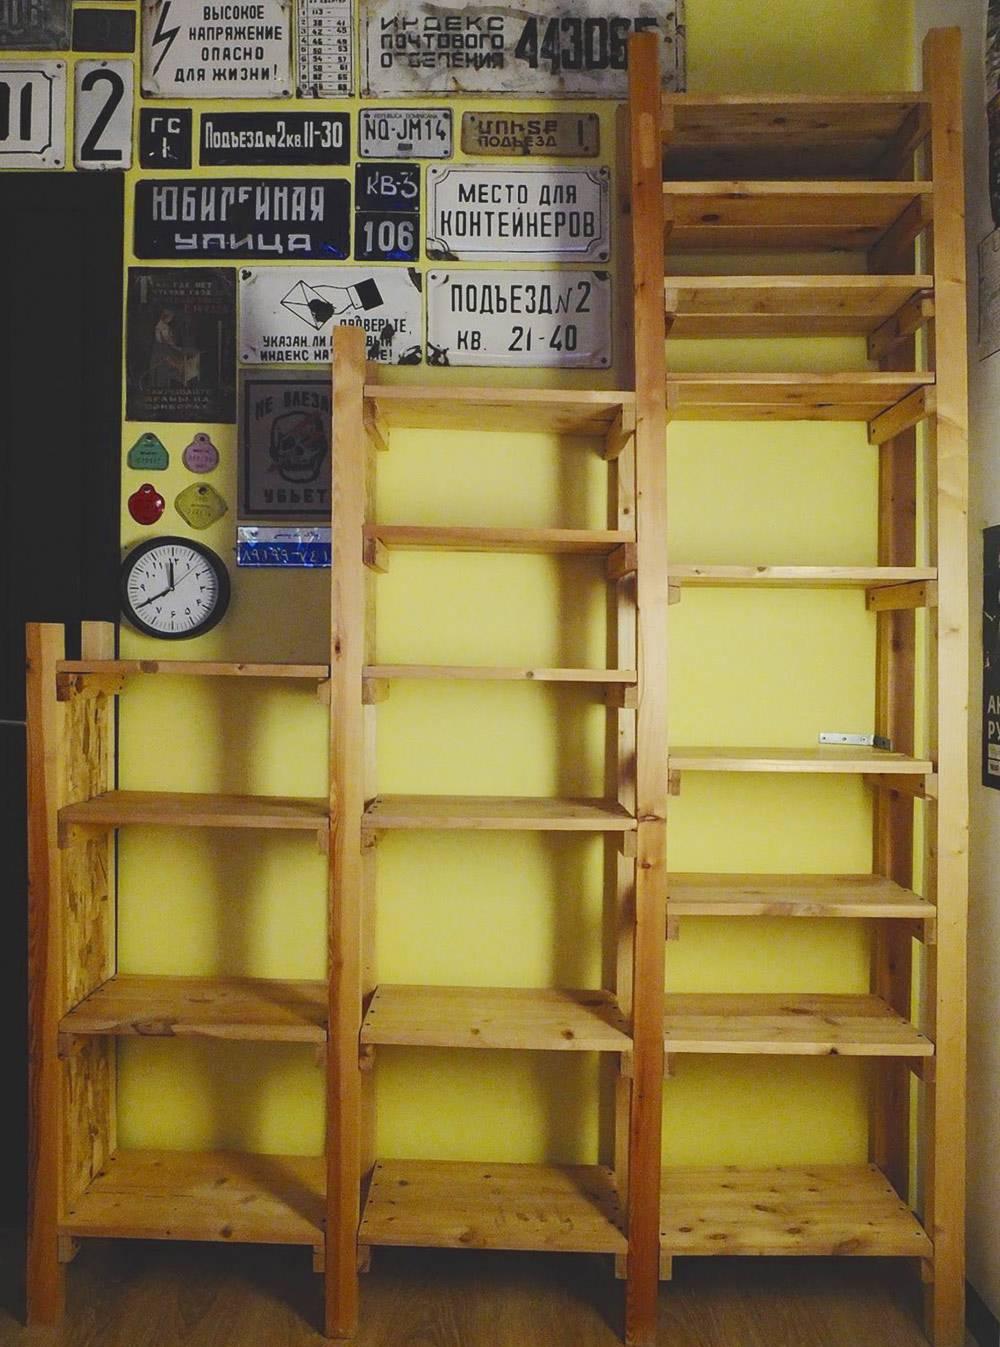 Разные размеры полок разработаны индивидуально подвещи, которые будут на них лежать. Большие — подпластинки, журналы и книги формата А4. Средние — подразного формата книги. Маленькие — поддиски